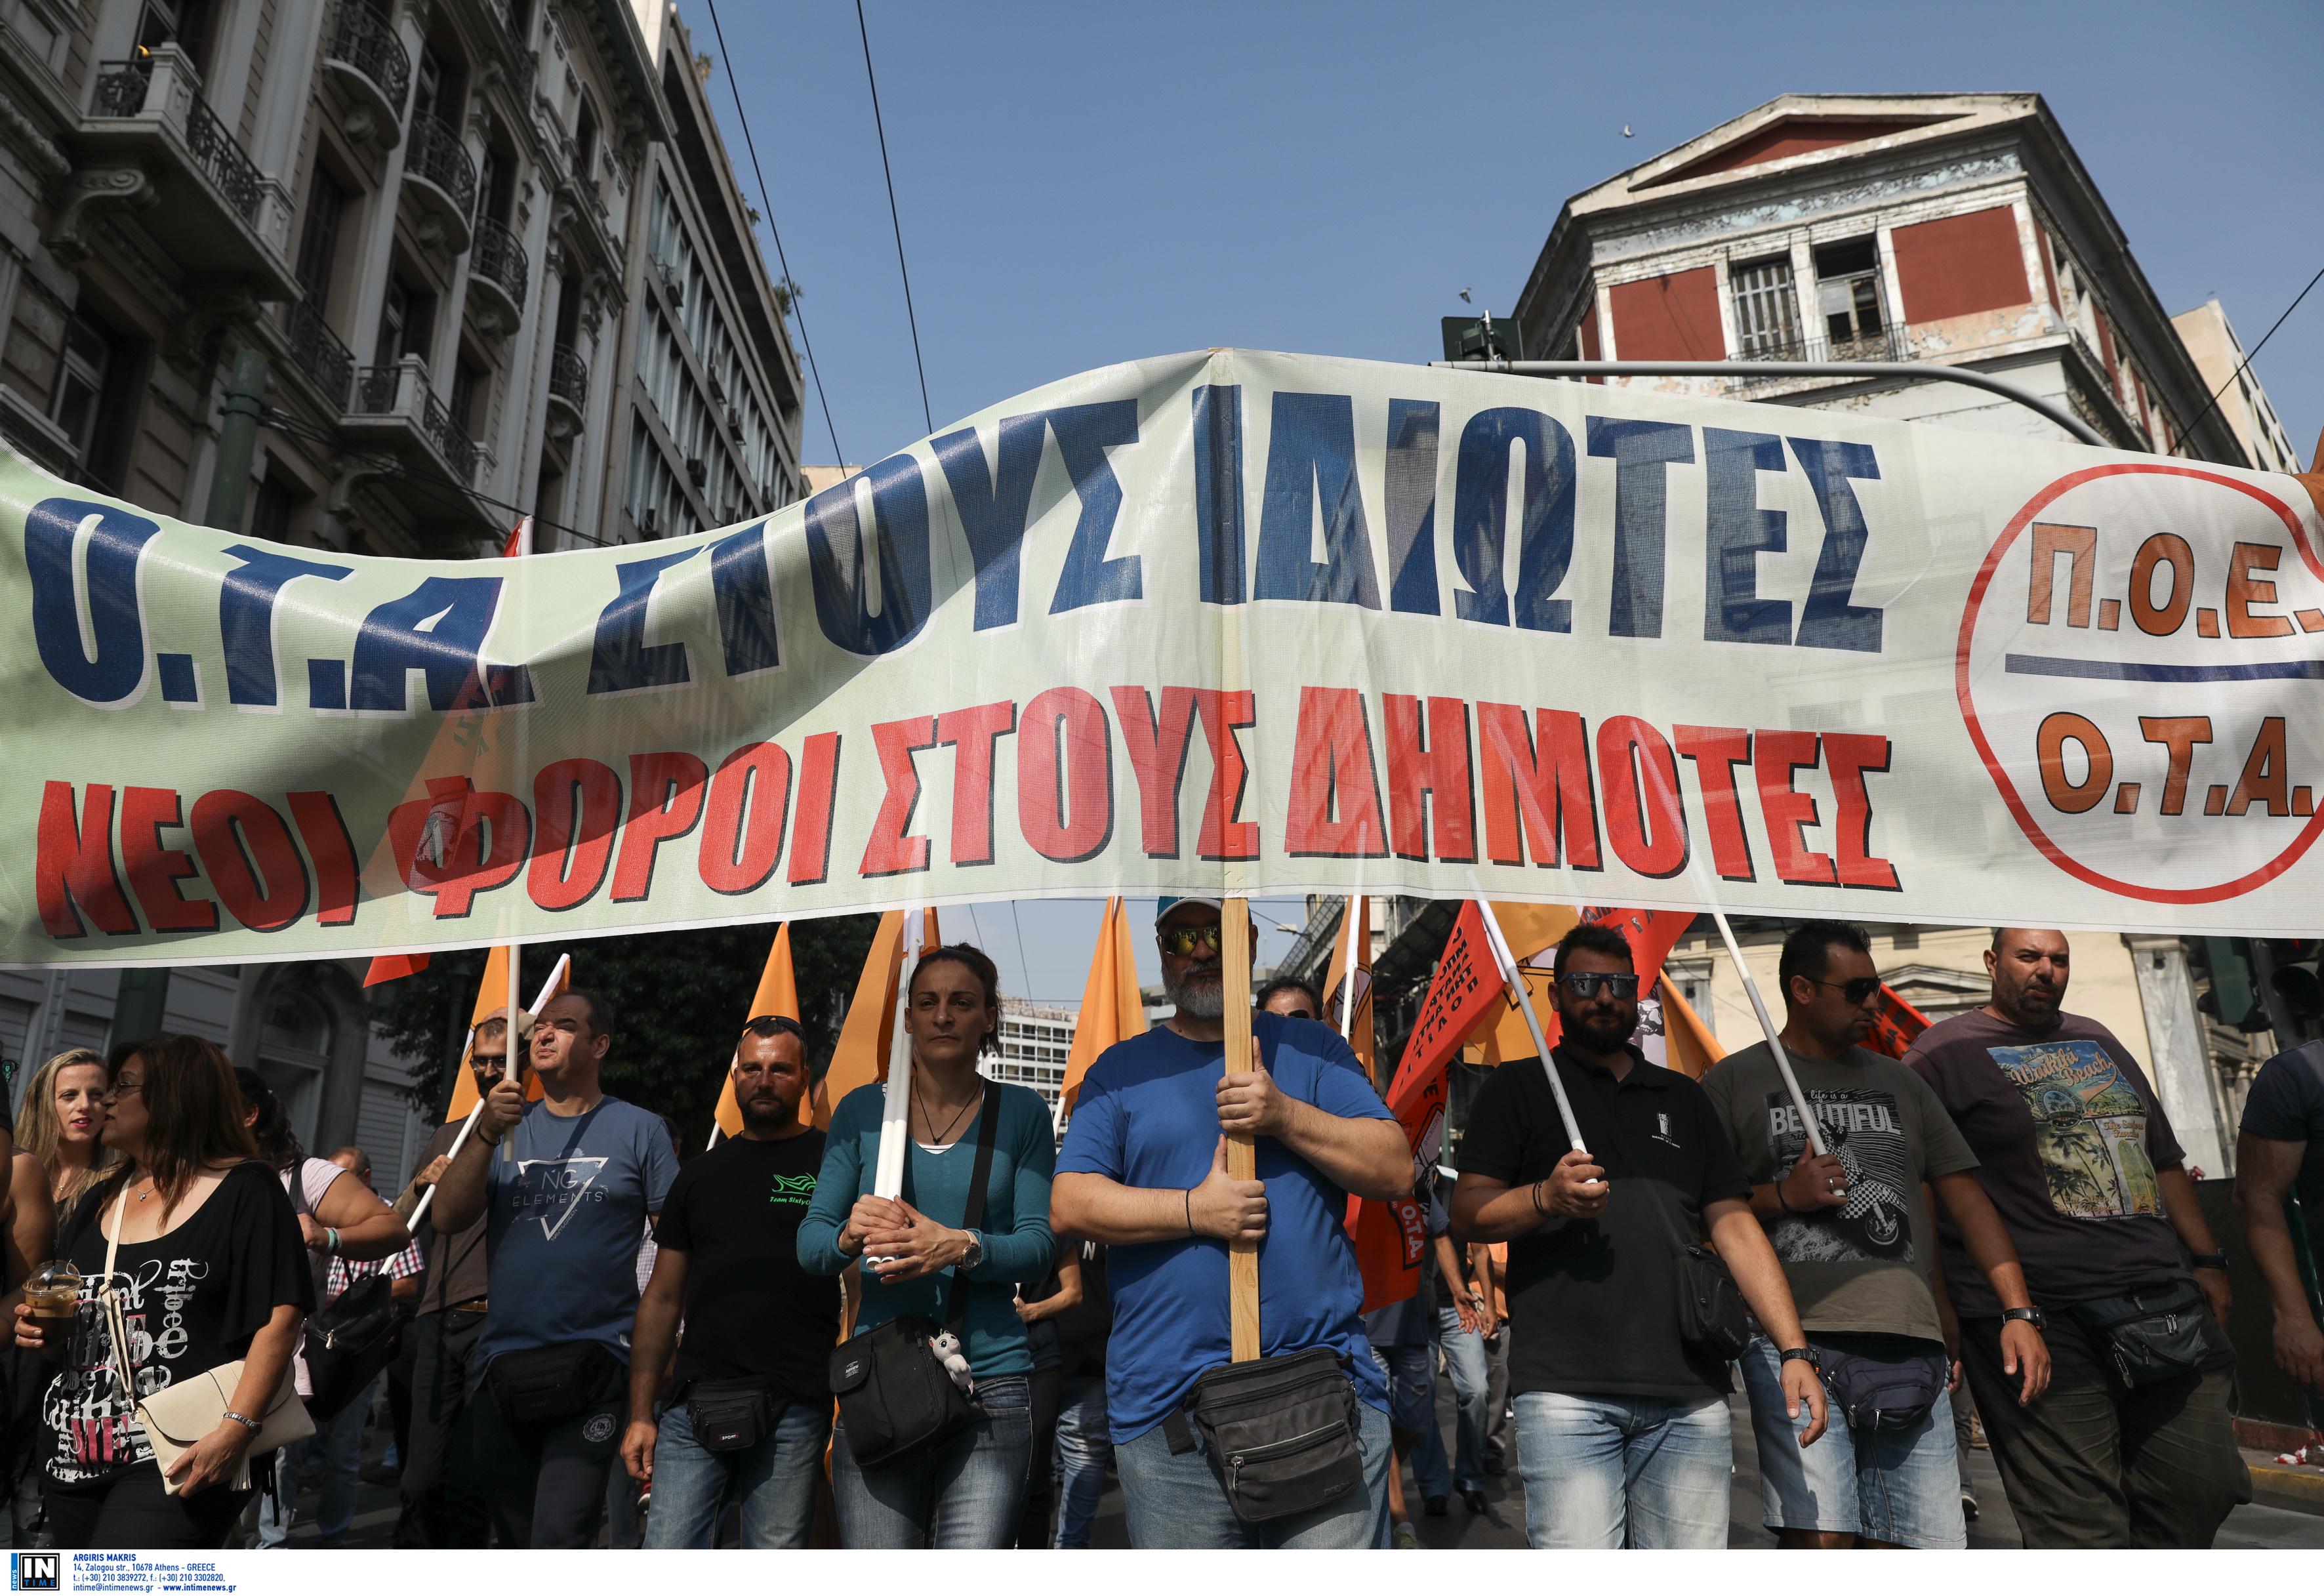 Πανελλαδικές απεργίες την ερχόμενη εβδομάδα αποφάσισε η ΠΟΕ-ΟΤΑ